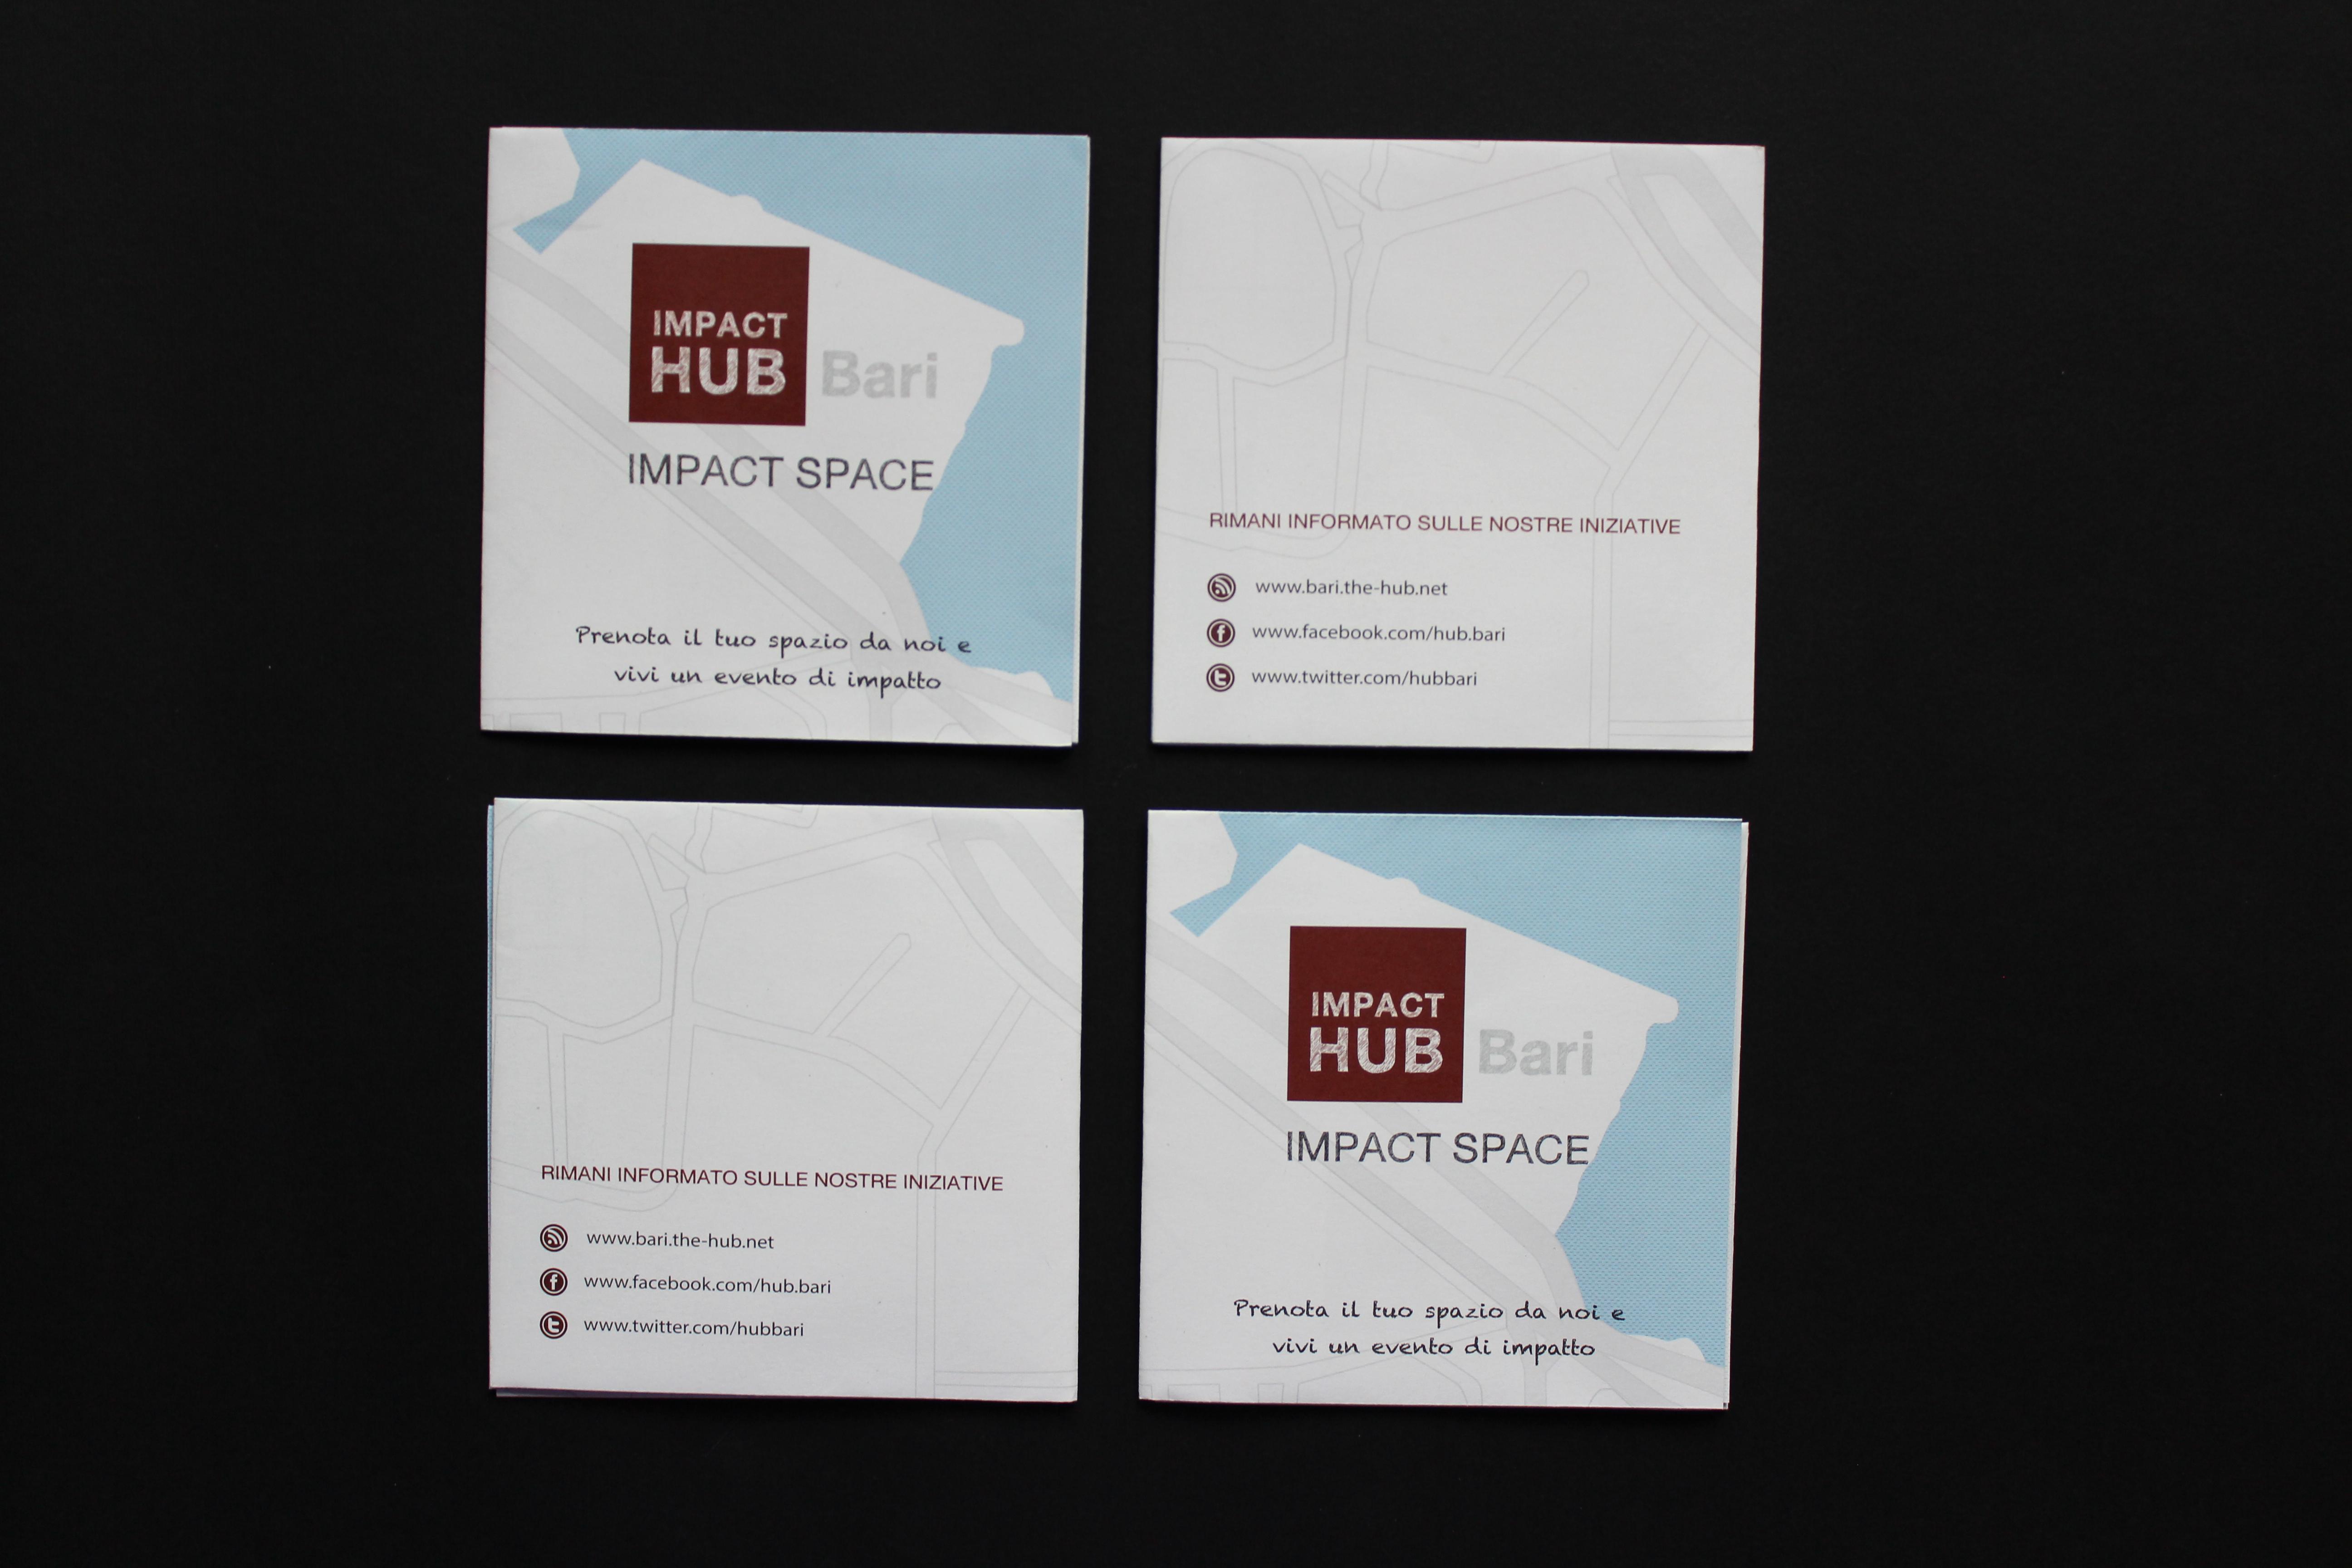 Progettazione grafica brochure Impact Hub Bari – fronte e retro